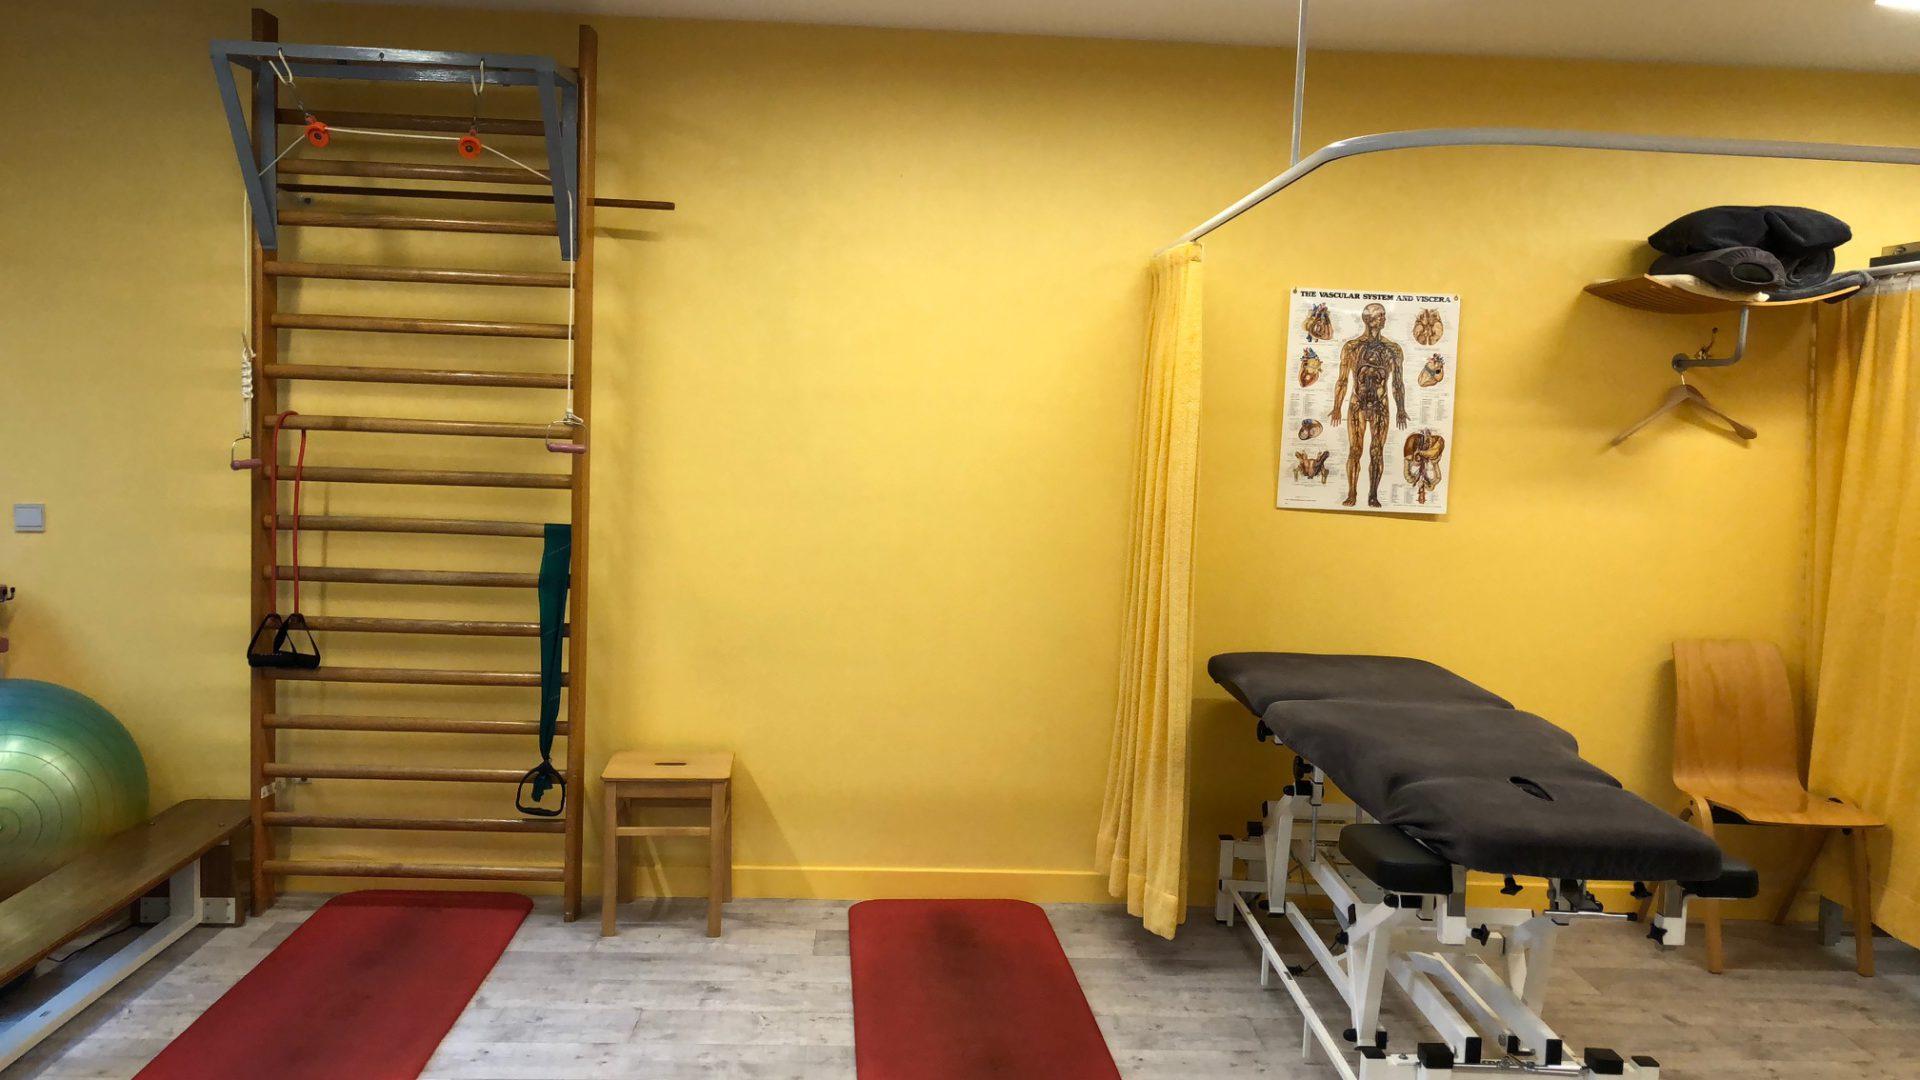 Kinesitherapie, Osteopathie en Fasciatherapie in Ukkel